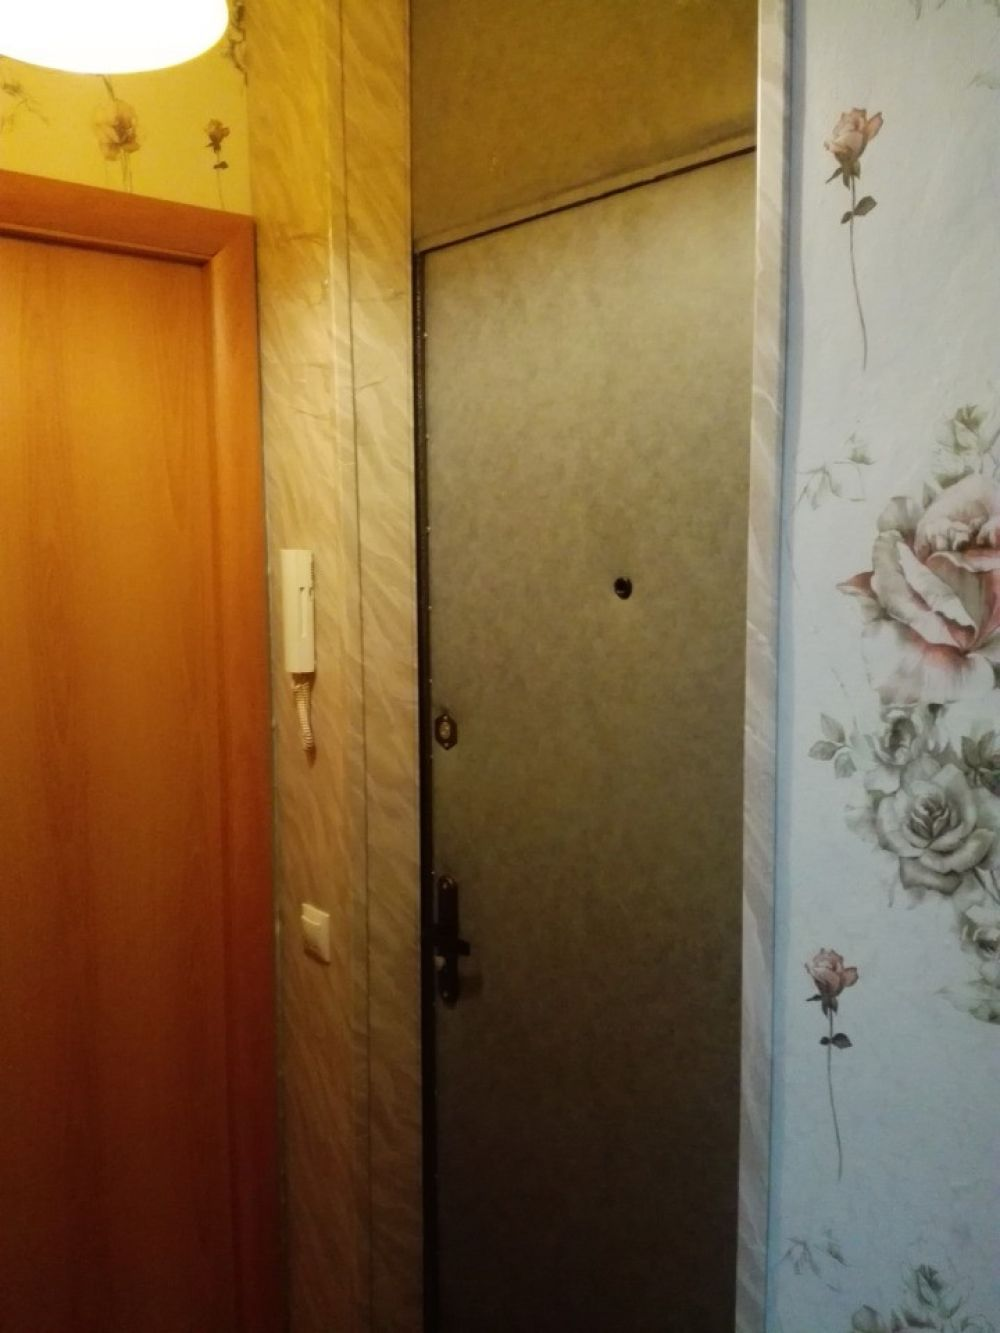 1-к квартира, Щелково, улица Неделина, 15, фото 5